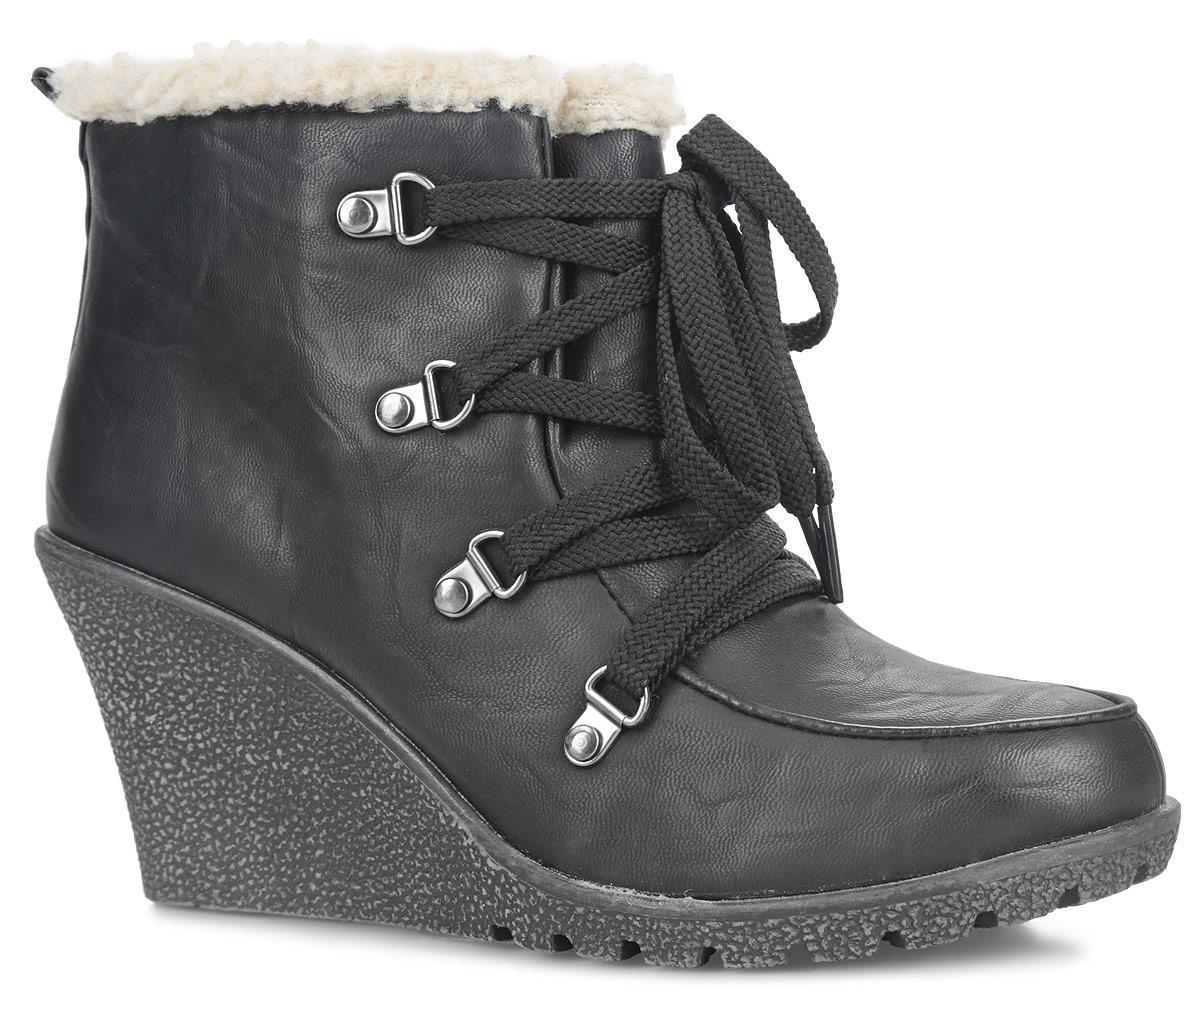 Ботильоны. SW6_B11657SW6_B11657Оригинальные женские ботильоны от Spur заинтересуют вас своим дизайном с первого взгляда! Модель выполнена из искусственной кожи. Подкладка и стелька, изготовленные из искусственной шерсти, защитят ноги от холода и обеспечат комфорт. Шнуровка надежно зафиксирует обувь на ноге. Вдоль канта ботильоны оформлены искусственным мехом. Резиновая подошва с рельефным протектором обеспечивает отличное сцепление на любой поверхности. В этих ботильонах вашим ногам будет комфортно и уютно.